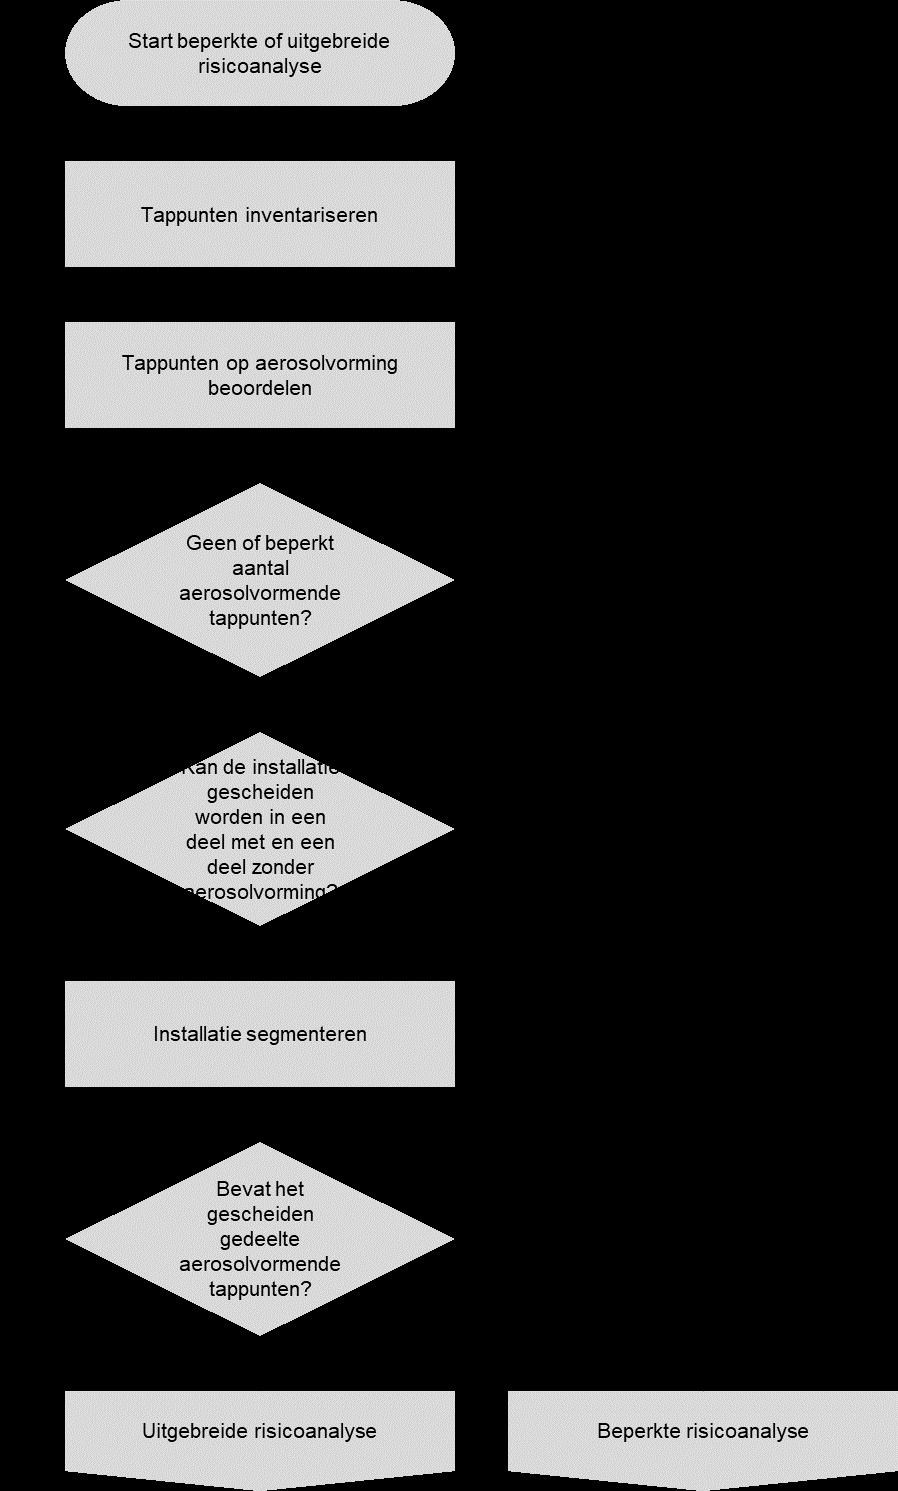 Beperkte risicoanalyse